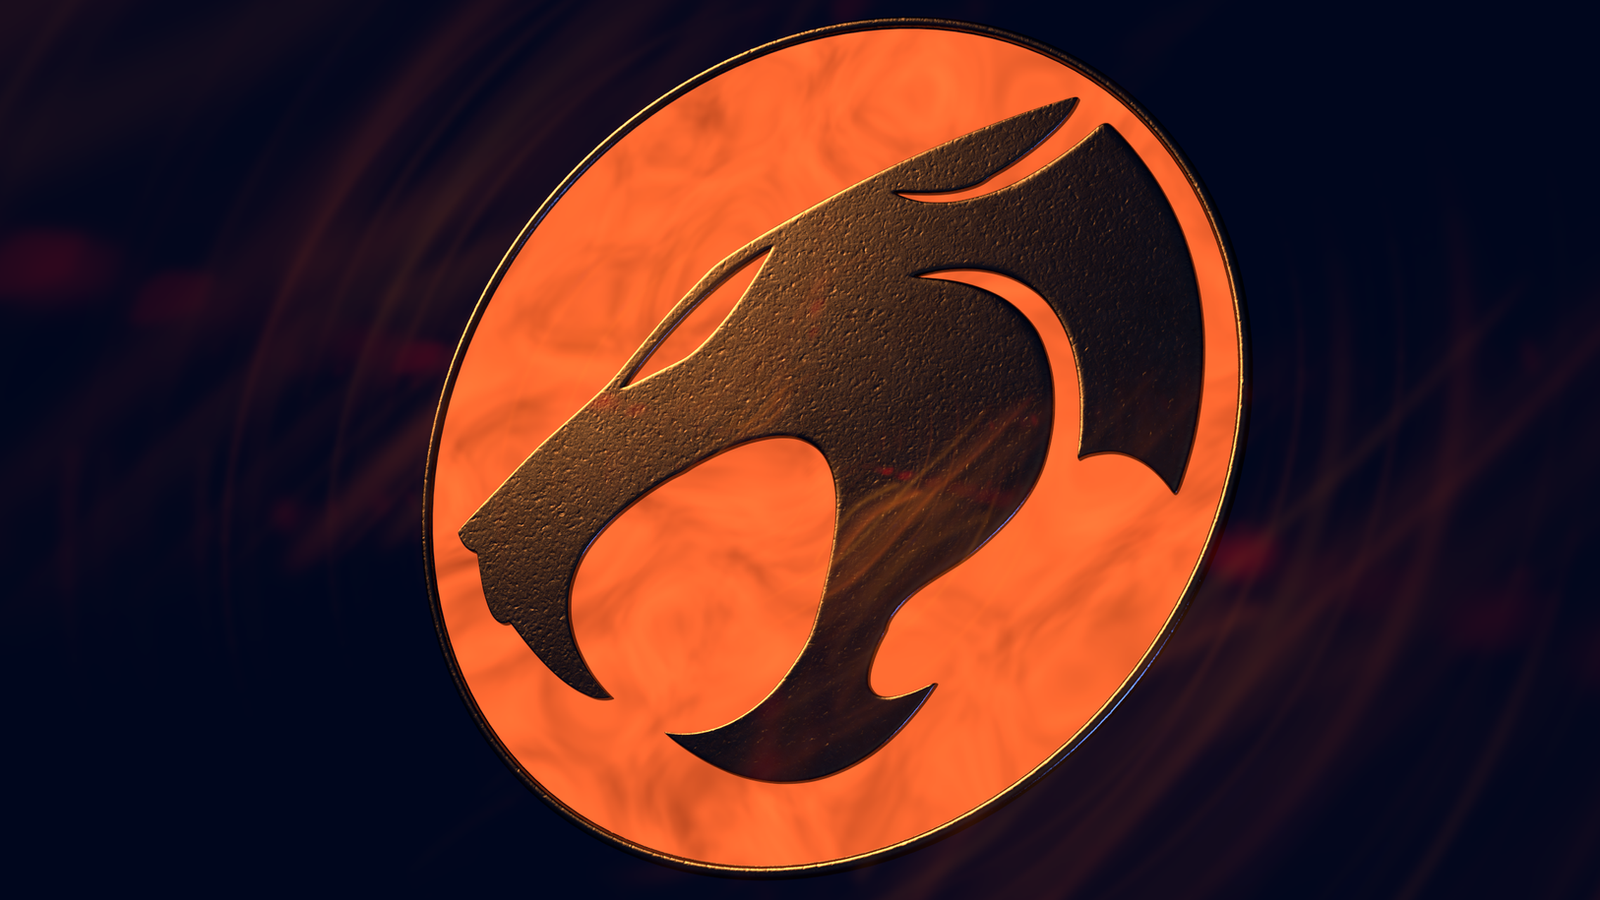 ThunderCats Emblem by paulrich